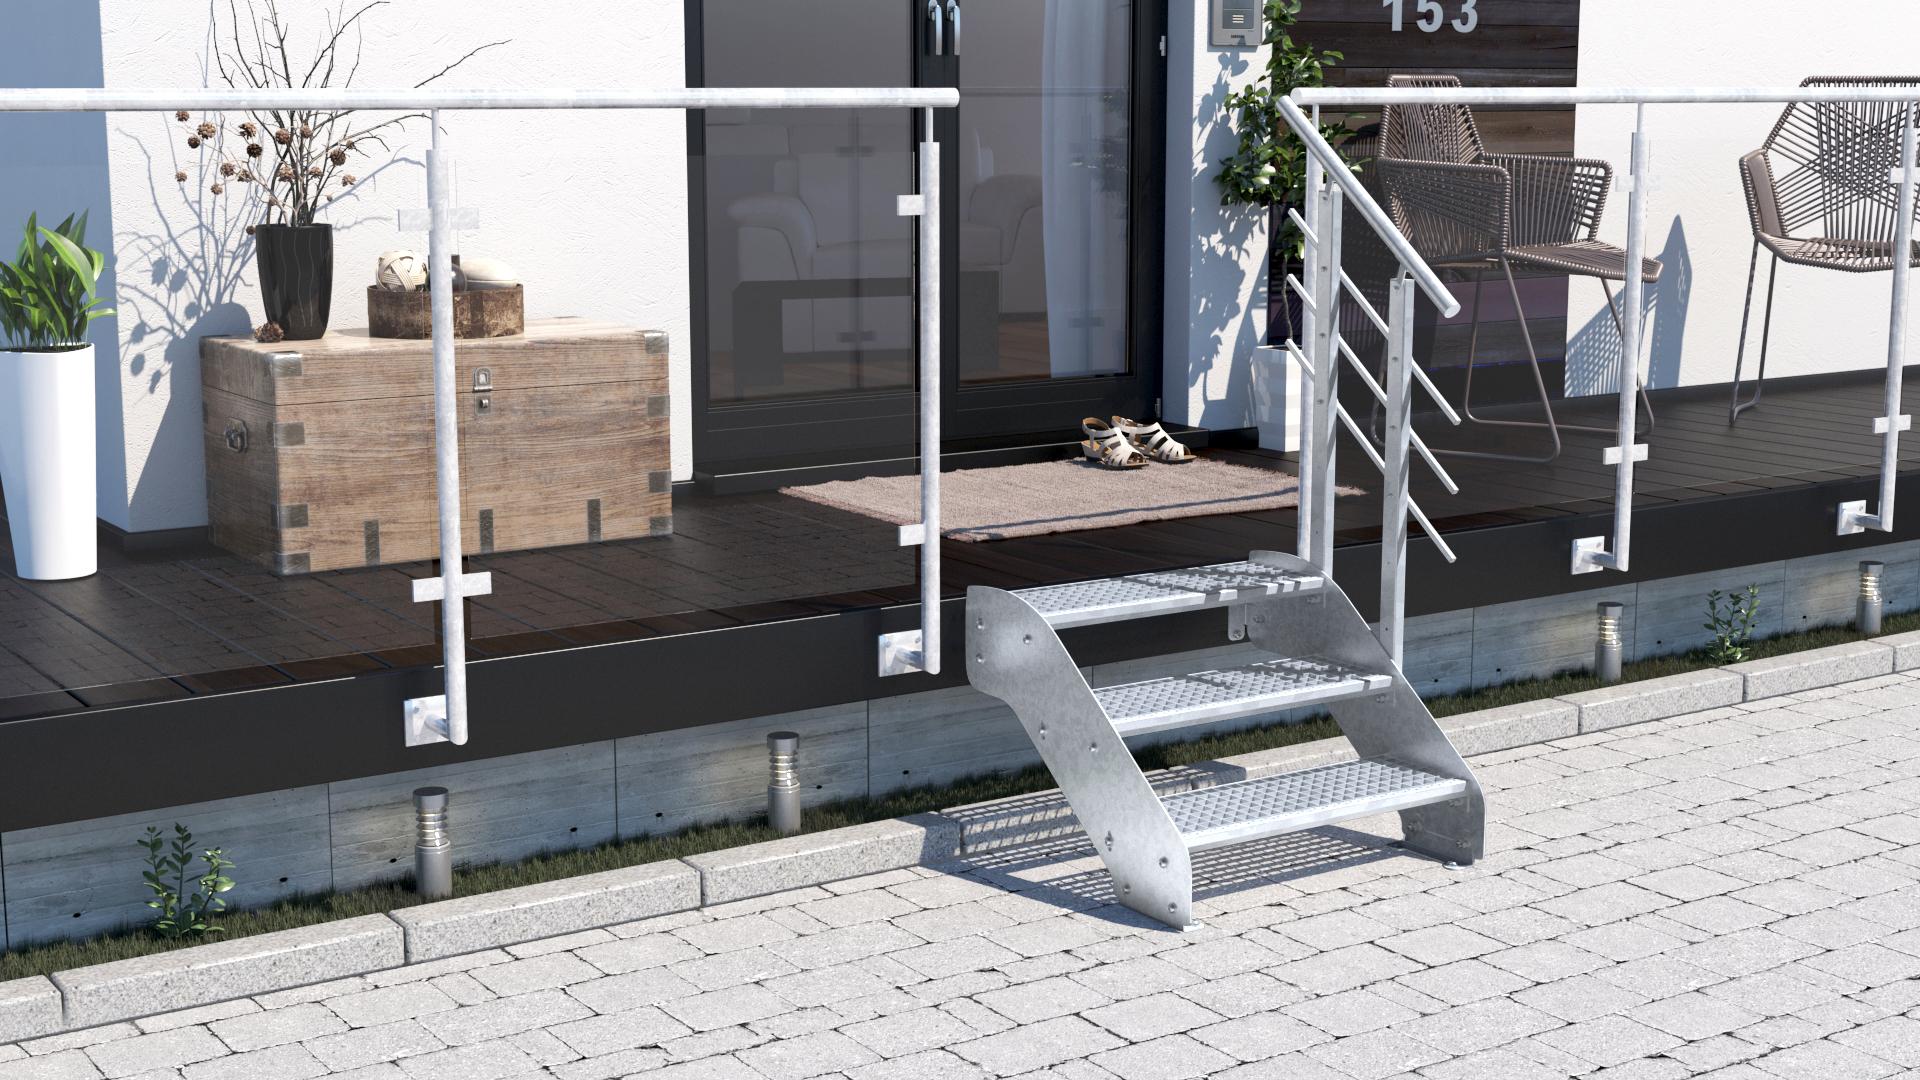 Breitenverstellbare Aussentreppe Mit Gitterrost Einlage Treppen Werk